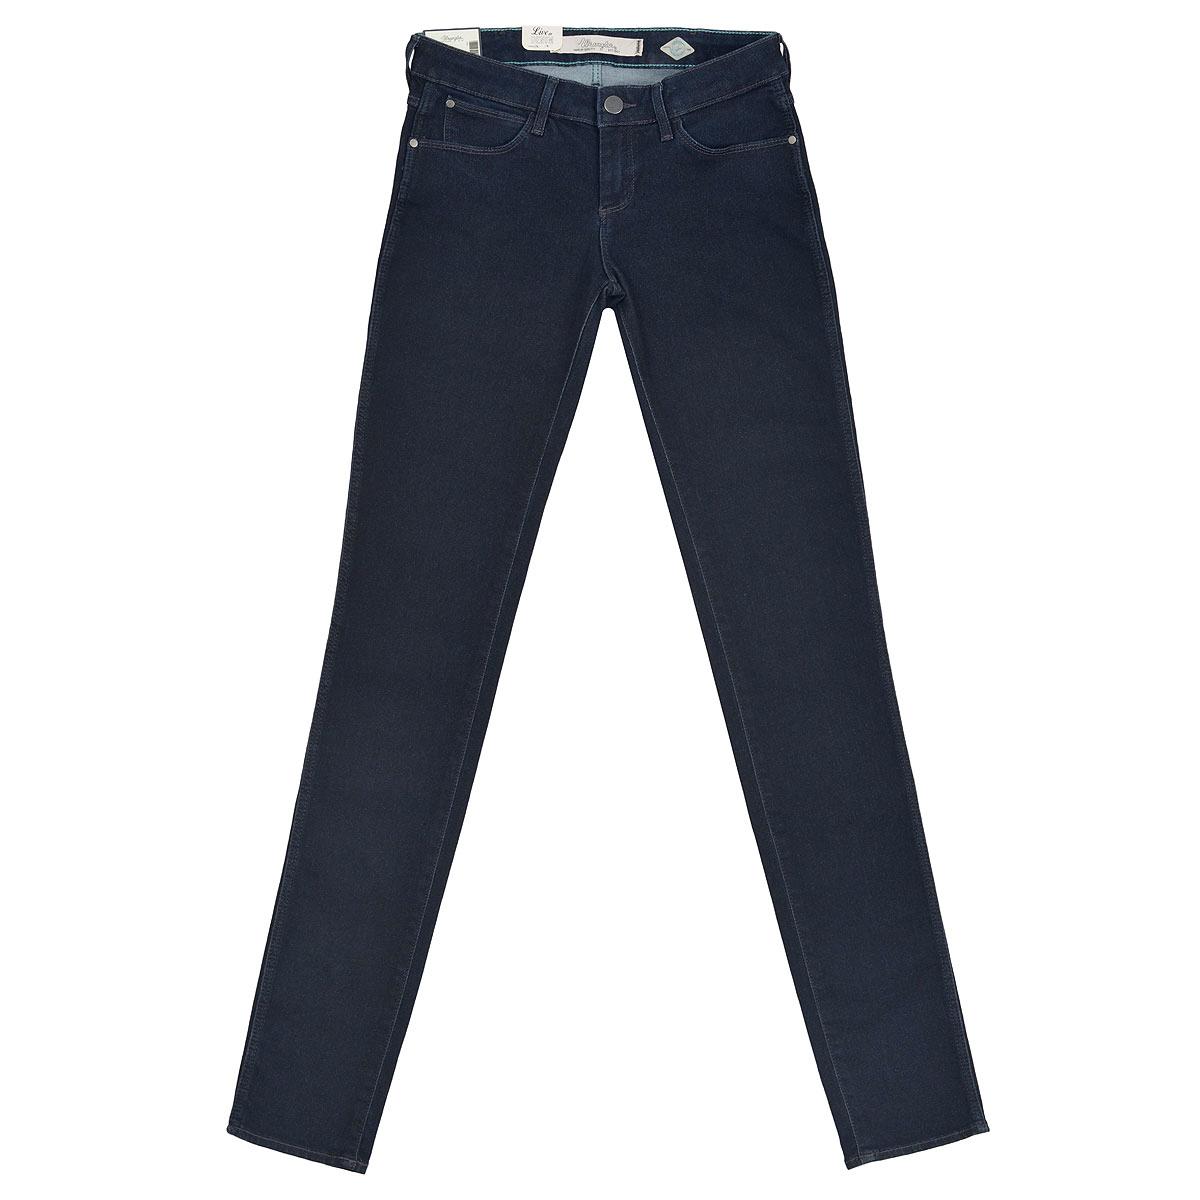 Джинсы женские Courtney Skinny. W23SPW23SP552BСтильные женские джинсы Wrangler Courtney Skinny созданы специально для того, чтобы подчеркивать достоинства вашей фигуры. Модель зауженного к низу кроя и заниженной посадки станет отличным дополнением к вашему современному образу. Застегиваются джинсы на пуговицу в поясе и ширинку на застежке-молнии, имеются шлевки для ремня. Спереди модель оформлены двумя втачными карманами и одним небольшим секретным кармашком, а сзади - двумя накладными карманами. Эти модные и в тоже время комфортные джинсы послужат отличным дополнением к вашему гардеробу. В них вы всегда будете чувствовать себя уютно и комфортно.